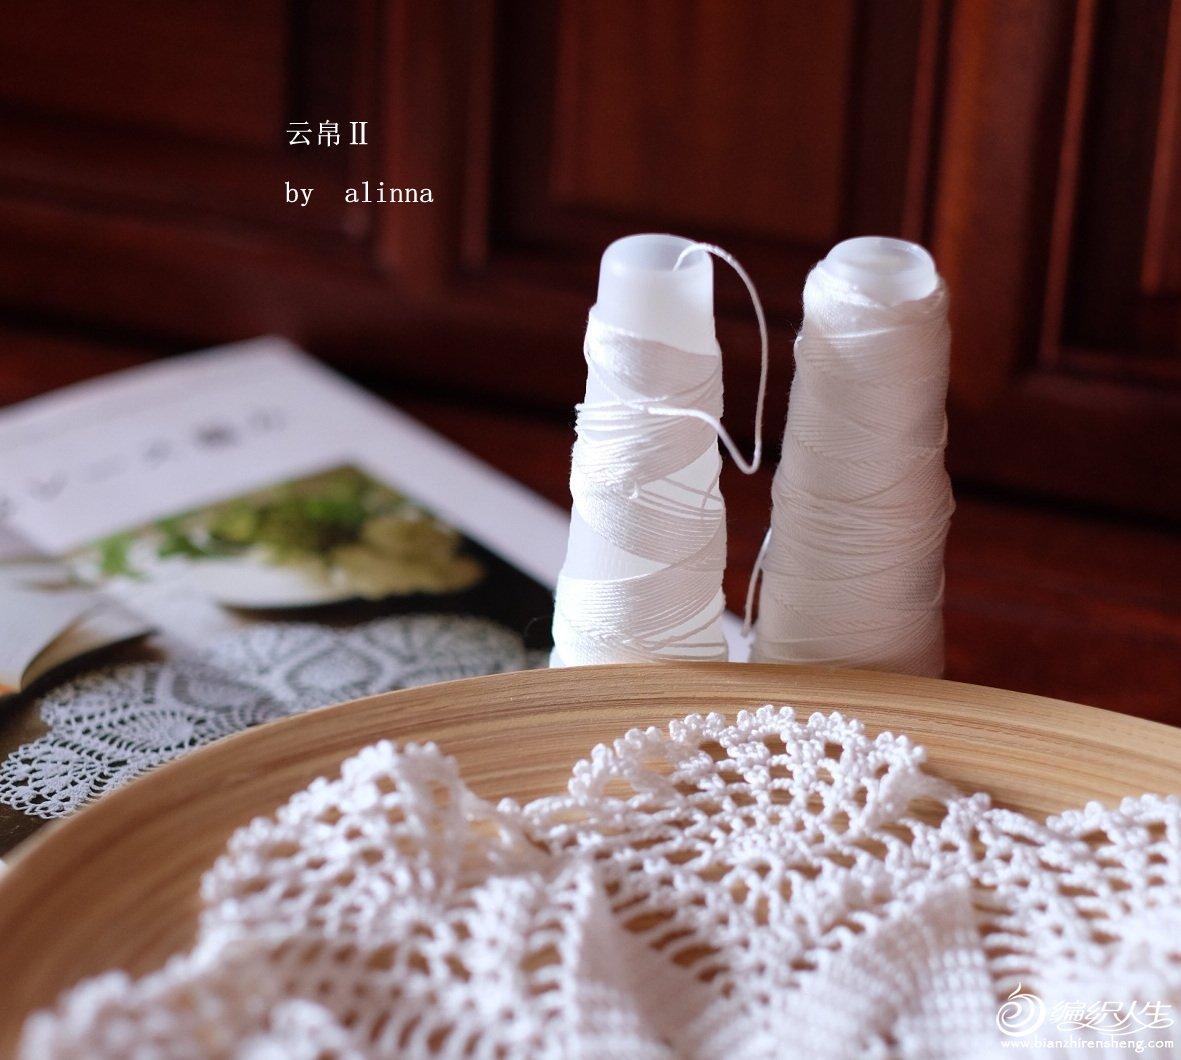 http://img.bianzhirensheng.com/forum/201606/28/174118w6hi6d8jynn0yfd6.jpg